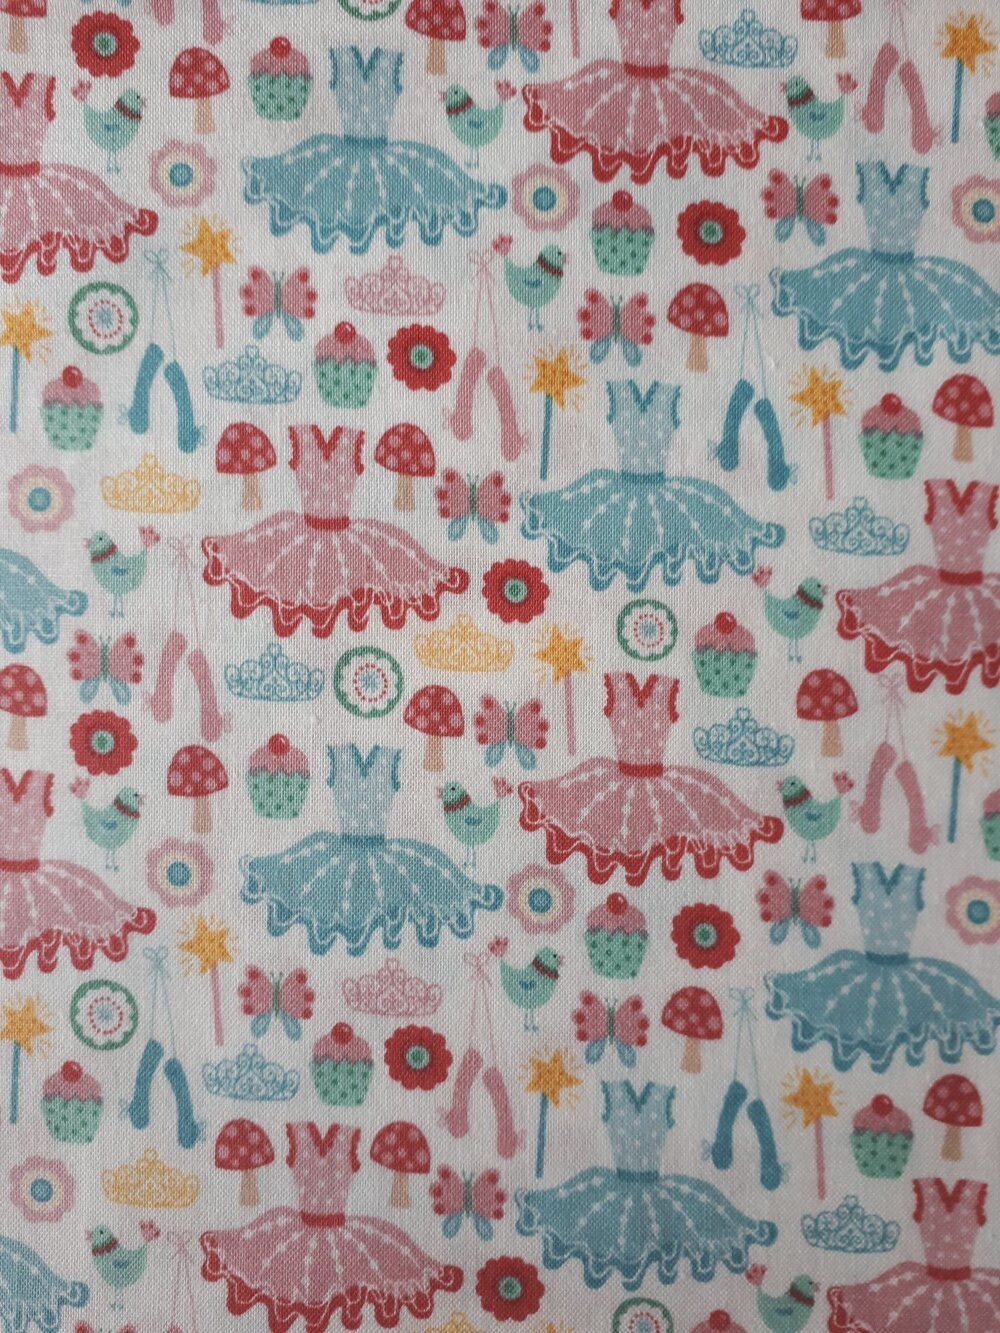 TISSU PATCHWORK  DANSEUSE - TUTU ICONS - coupon 45 x 55 cm